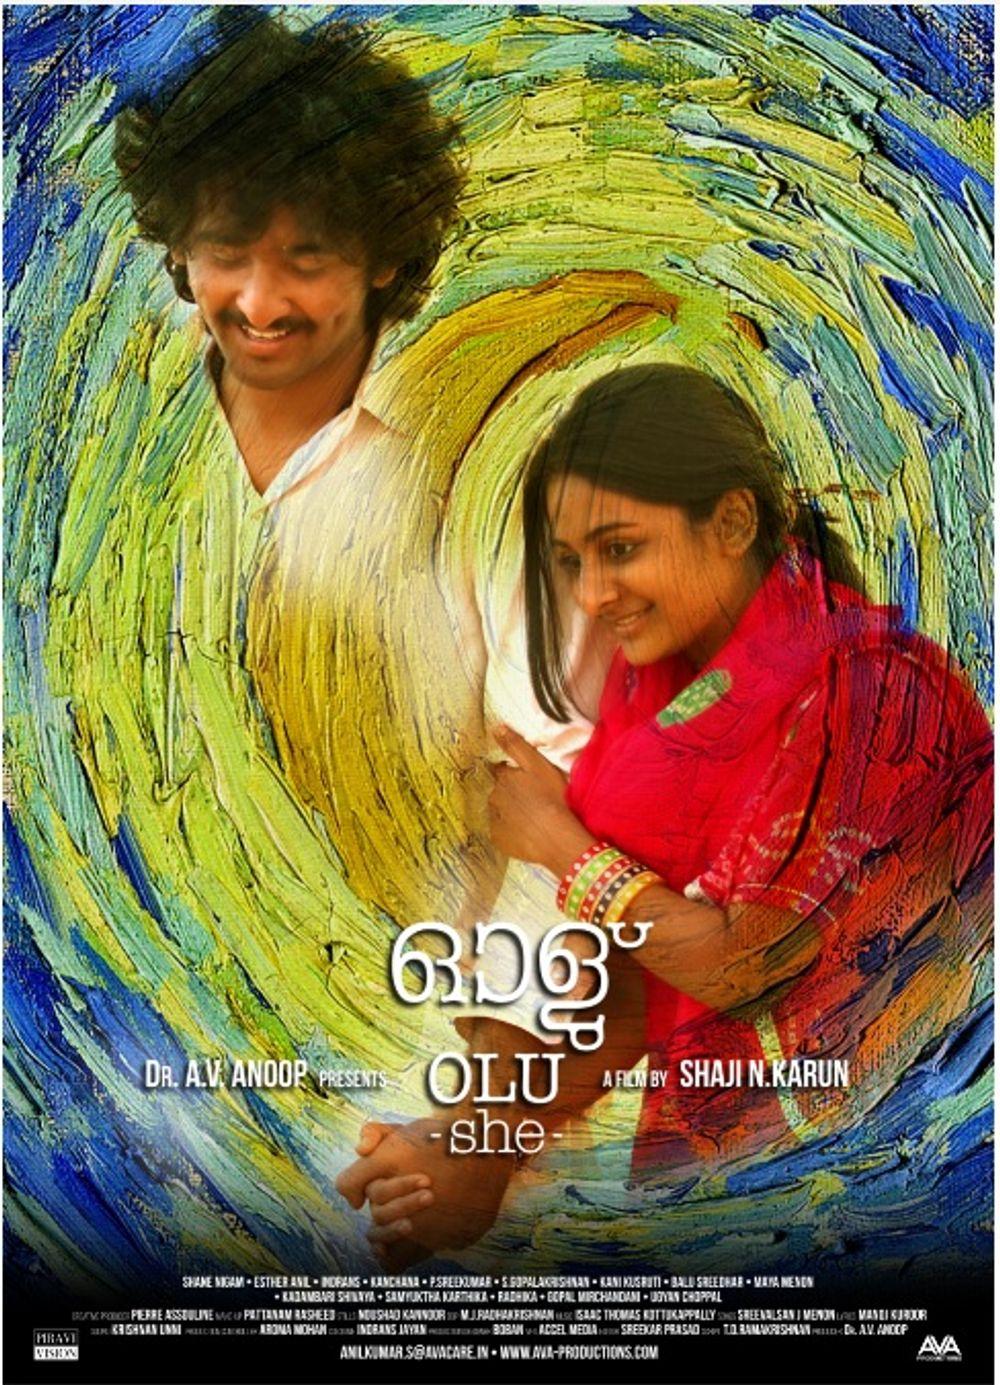 Olu Movie Review